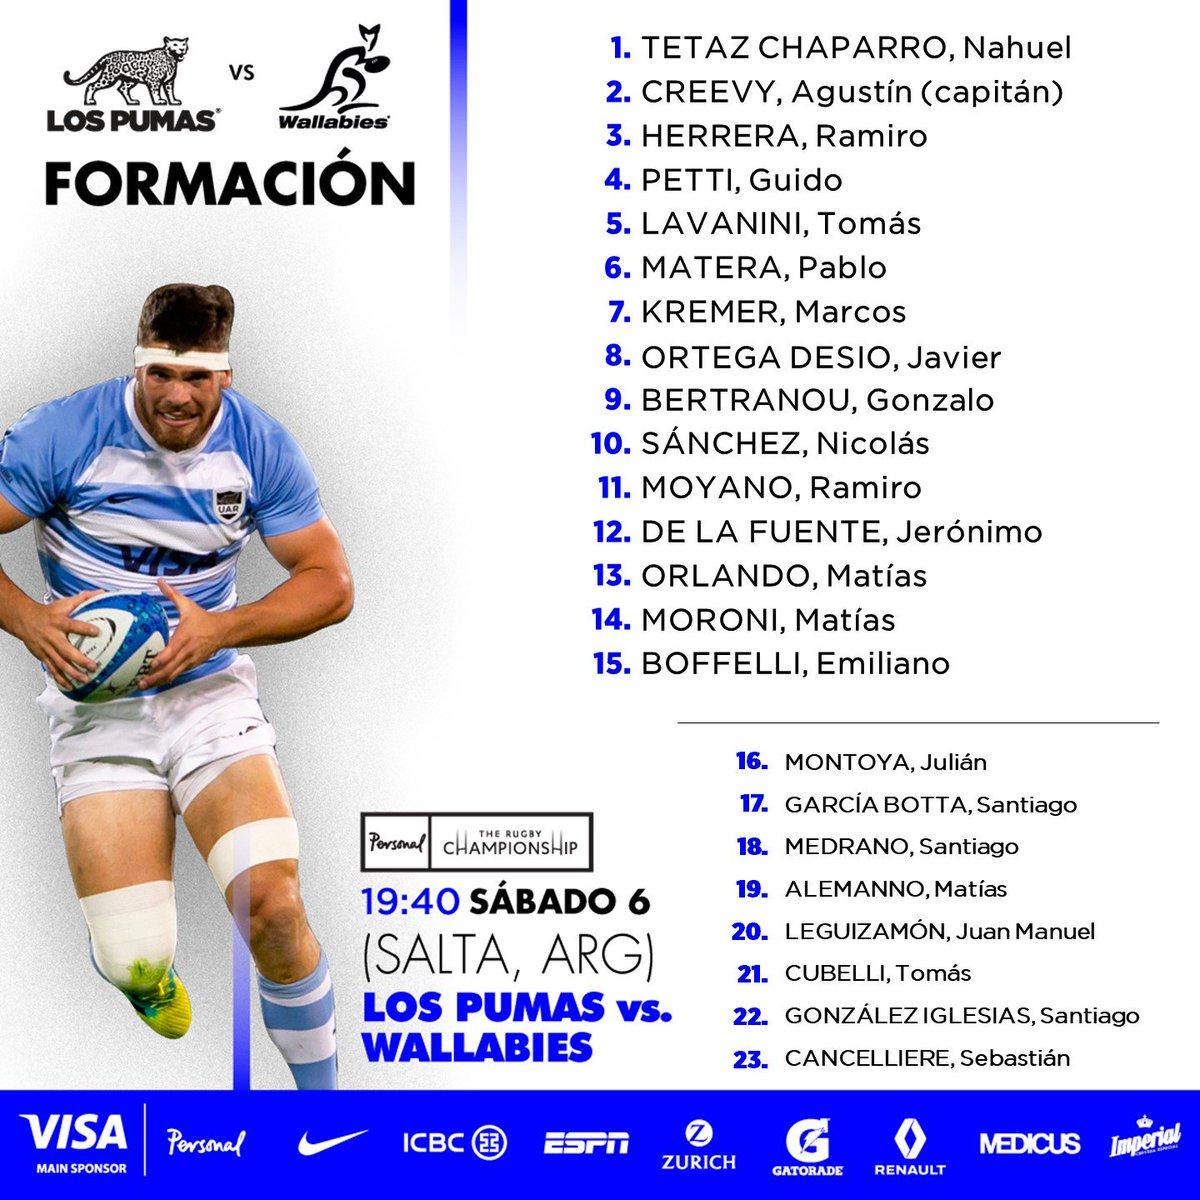 Formación de Los Pumas para enfrentar a los Wallabies en Salta